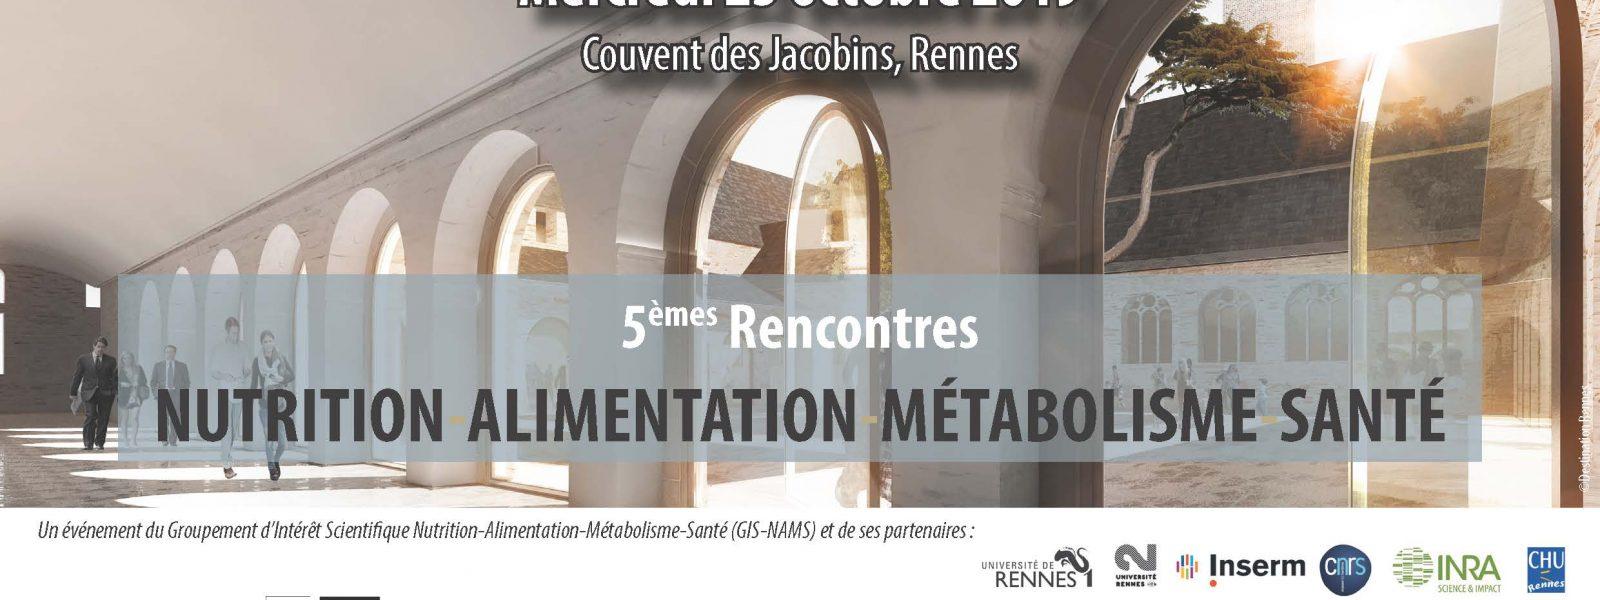 Rencontres Nutrition Alimentation Métabolisme Santé